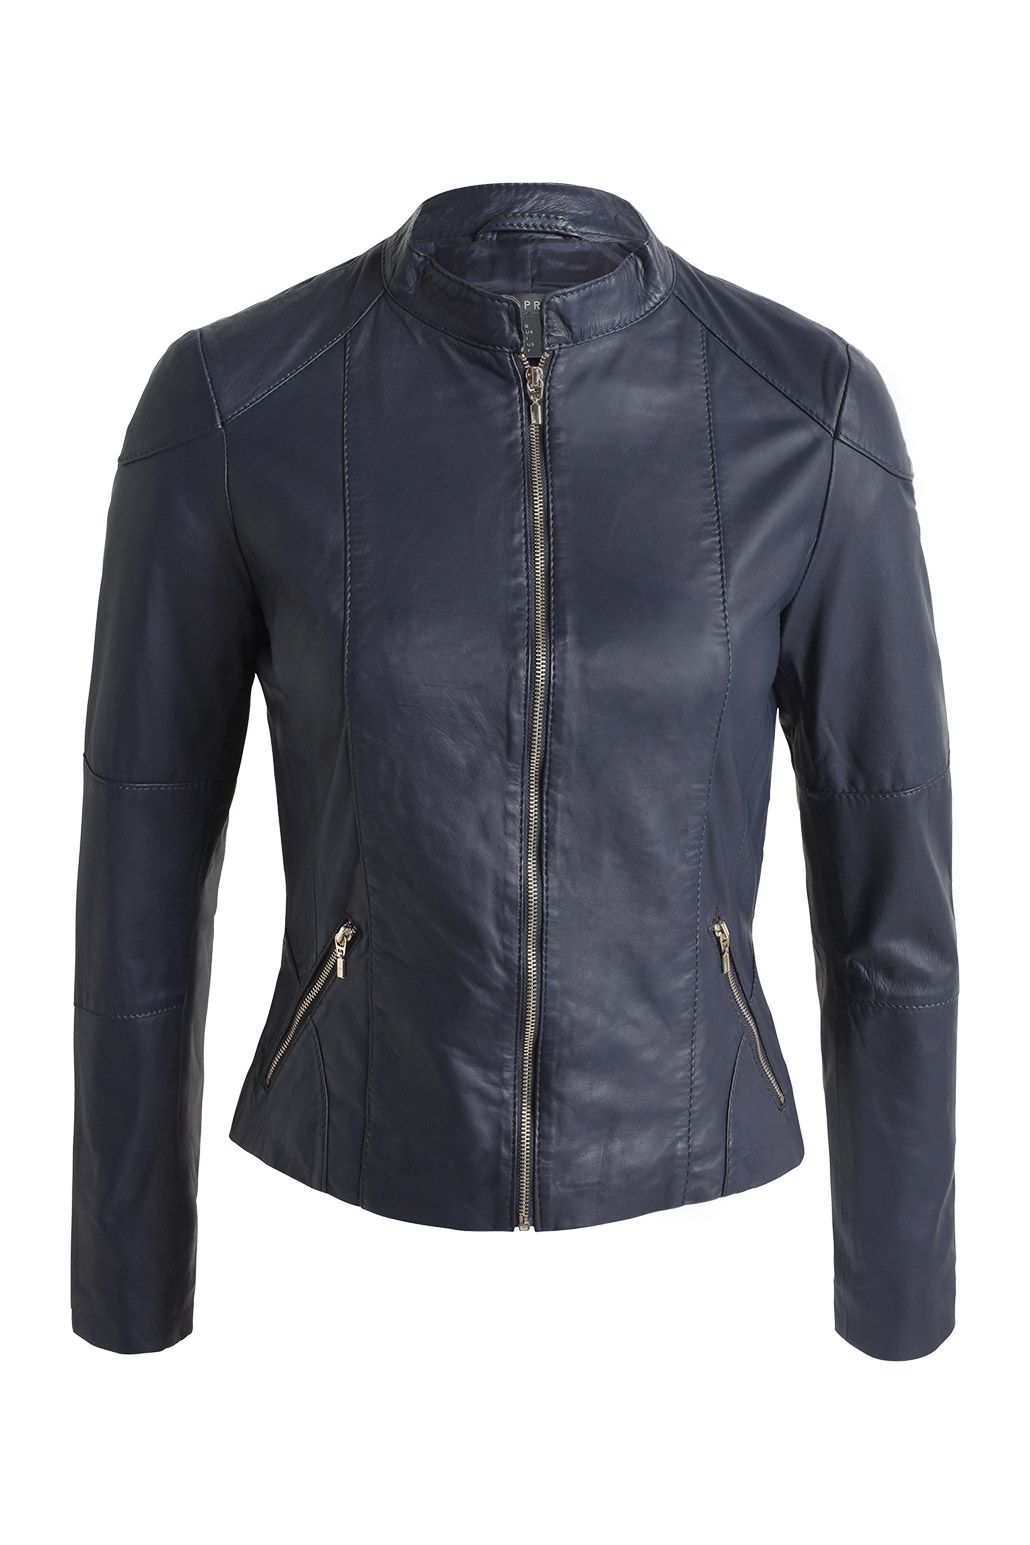 Esprit : Veste en cuir à zips à acheter sur la Boutique en ligne